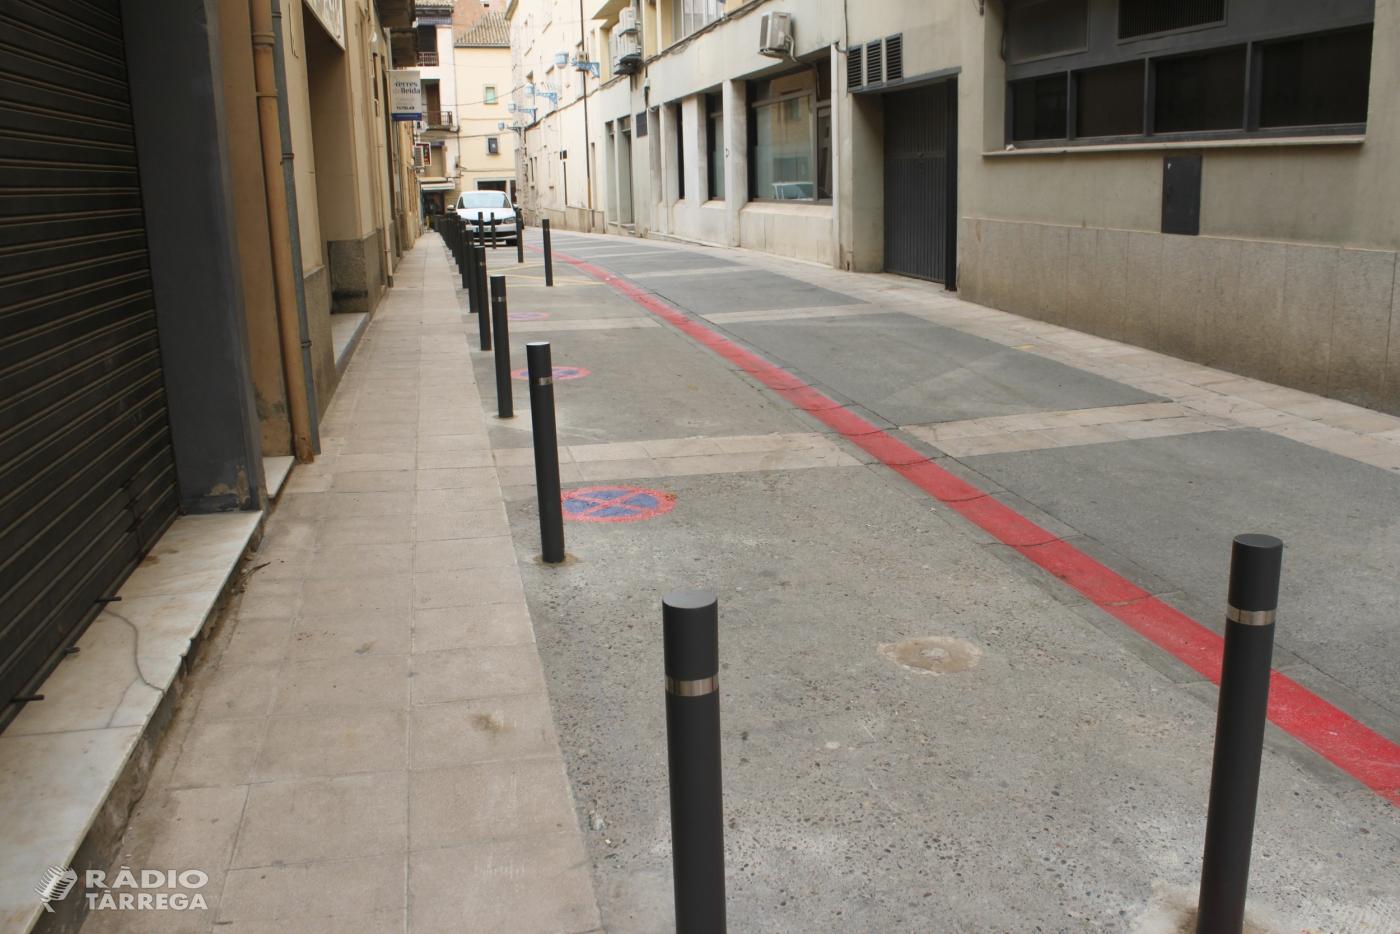 Tàrrega millora la mobilitat al carrer de Torras i Bages, on instal·la pilones per reforçar la seguretat dels vianants